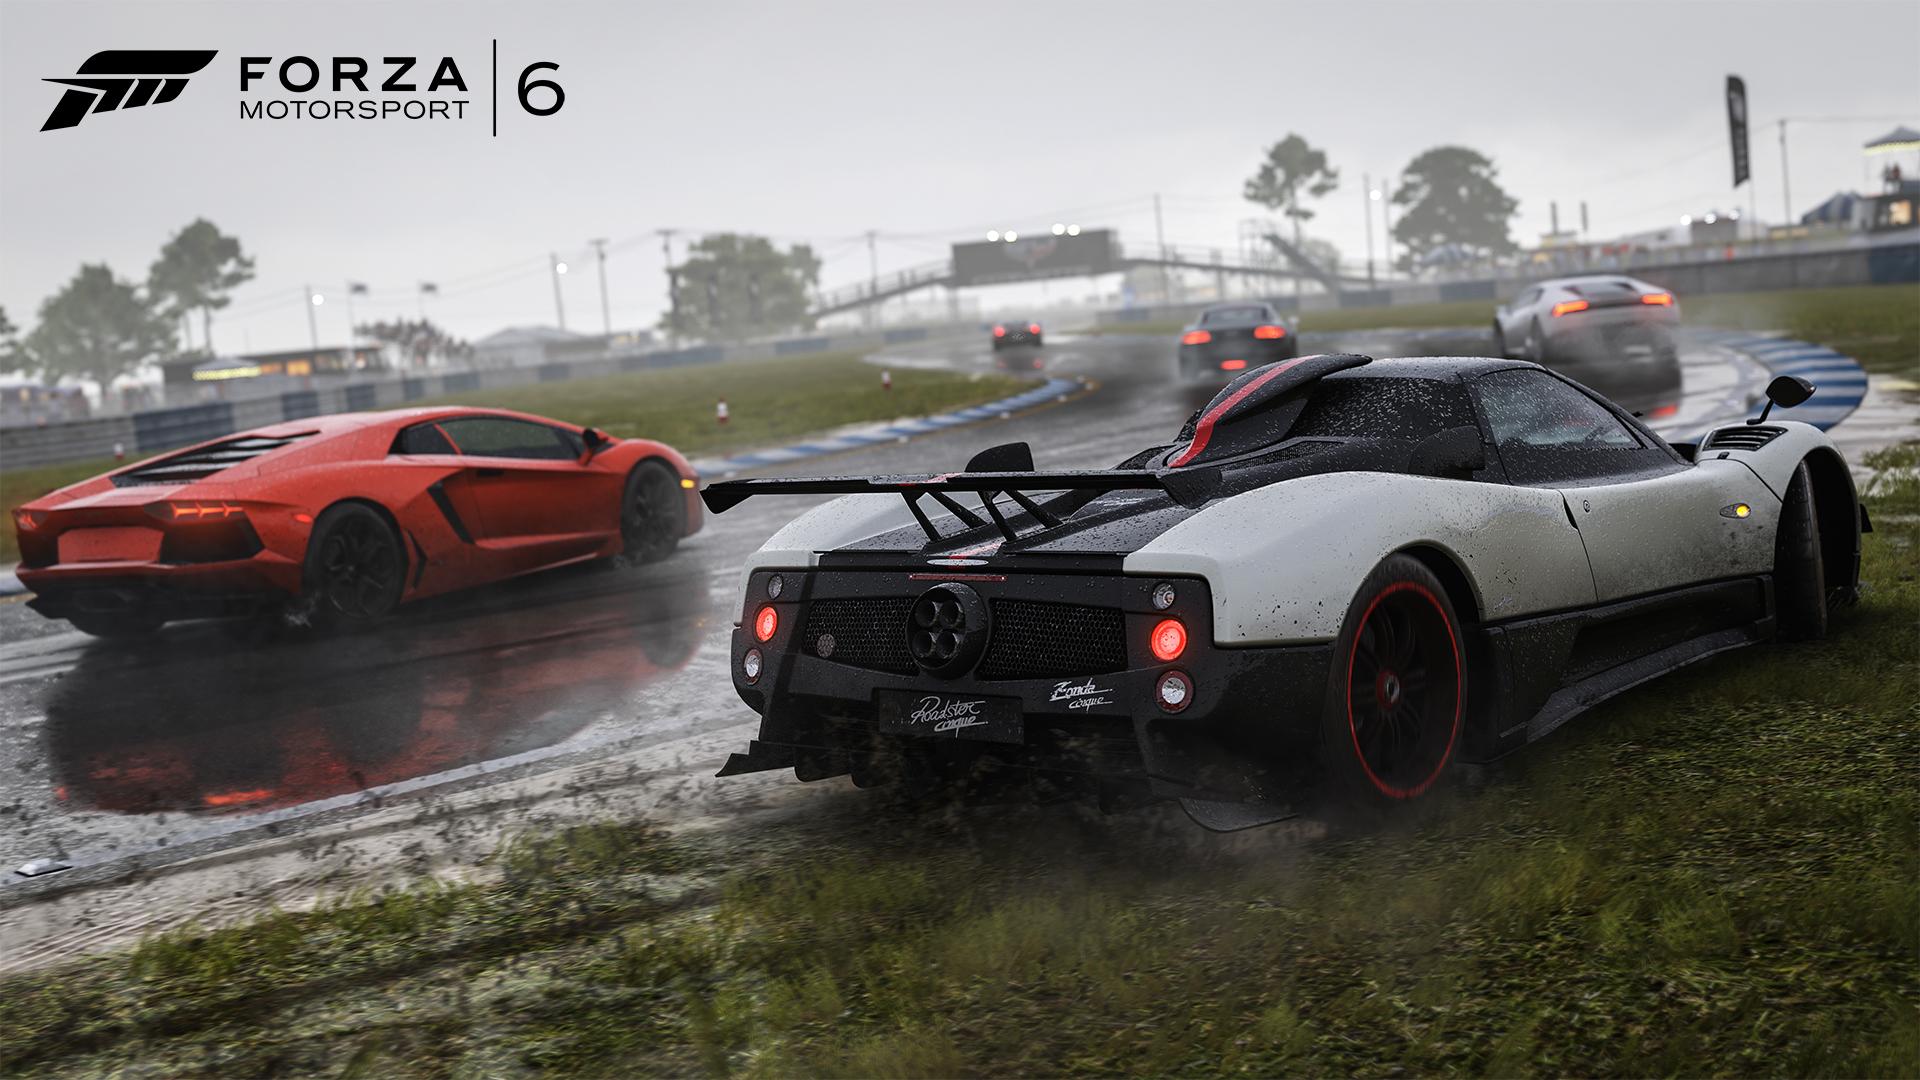 گیمپلی Forza 6 در هوای بارانی